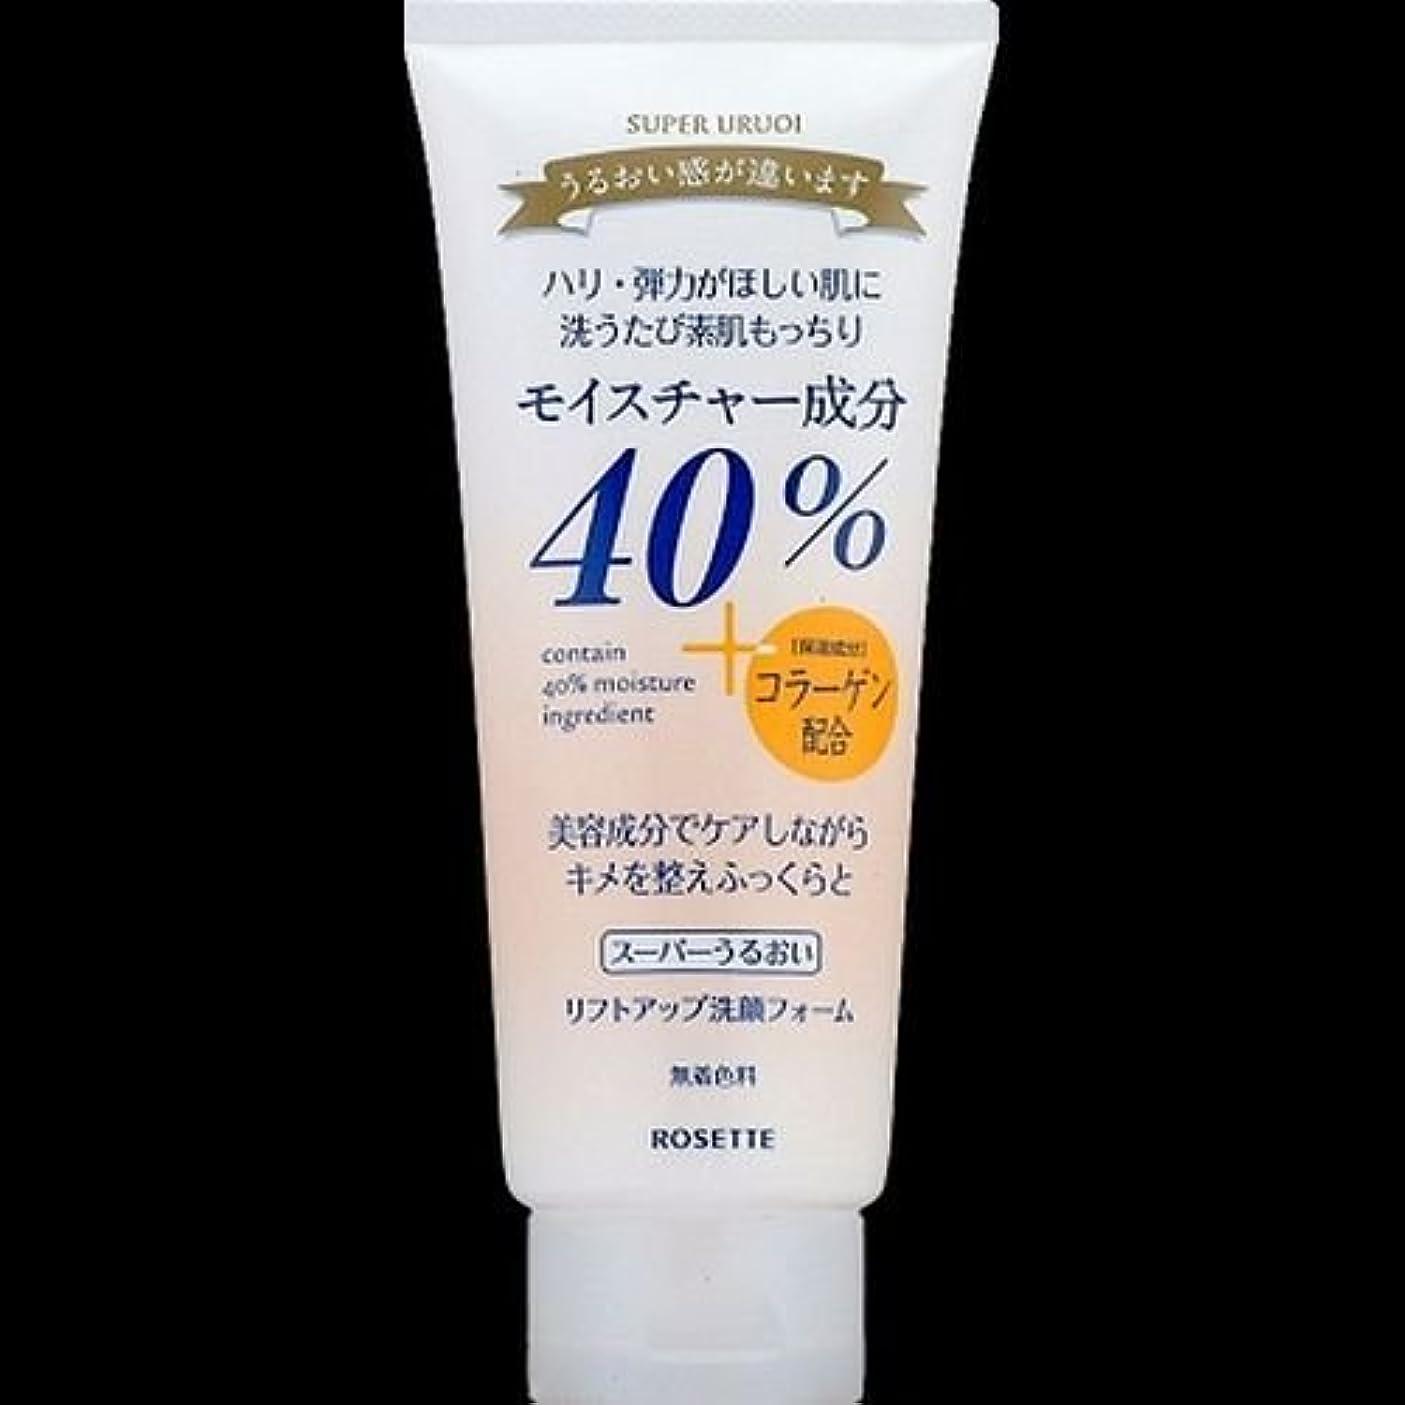 展望台錫フェロー諸島【まとめ買い】ロゼット 40%スーパーうるおいリフトアップ洗顔フォーム 168g ×2セット